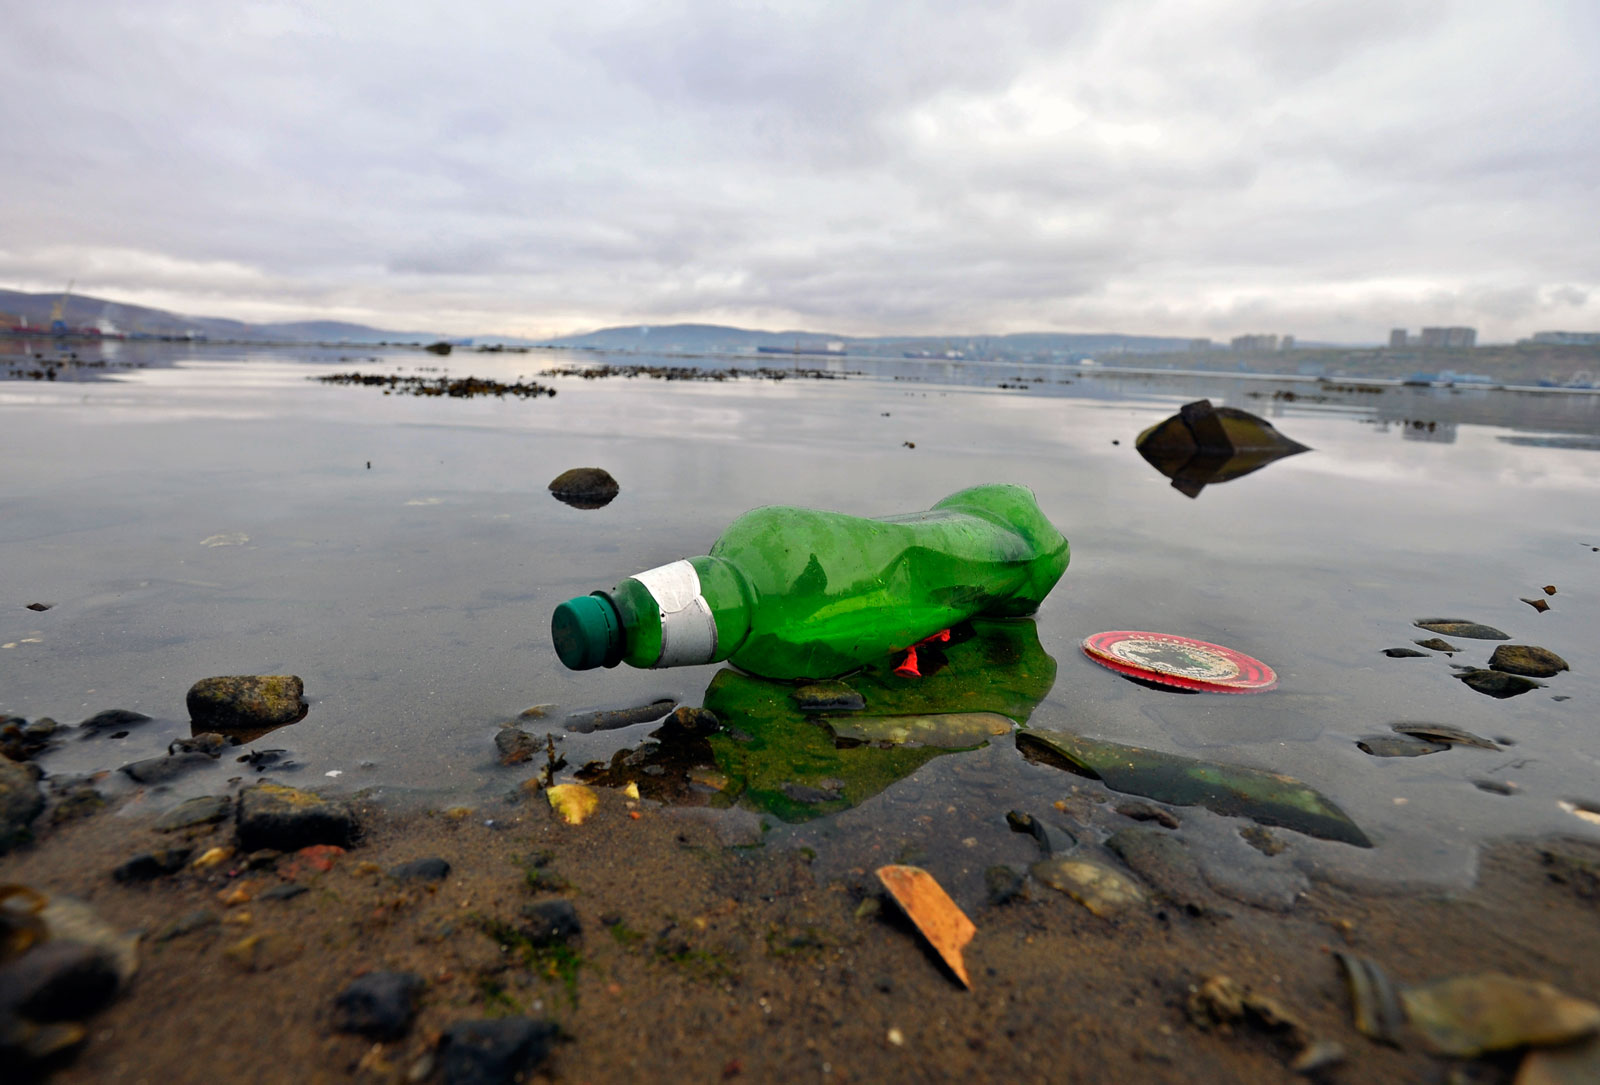 El Ártico también sufre la contaminación por plástico